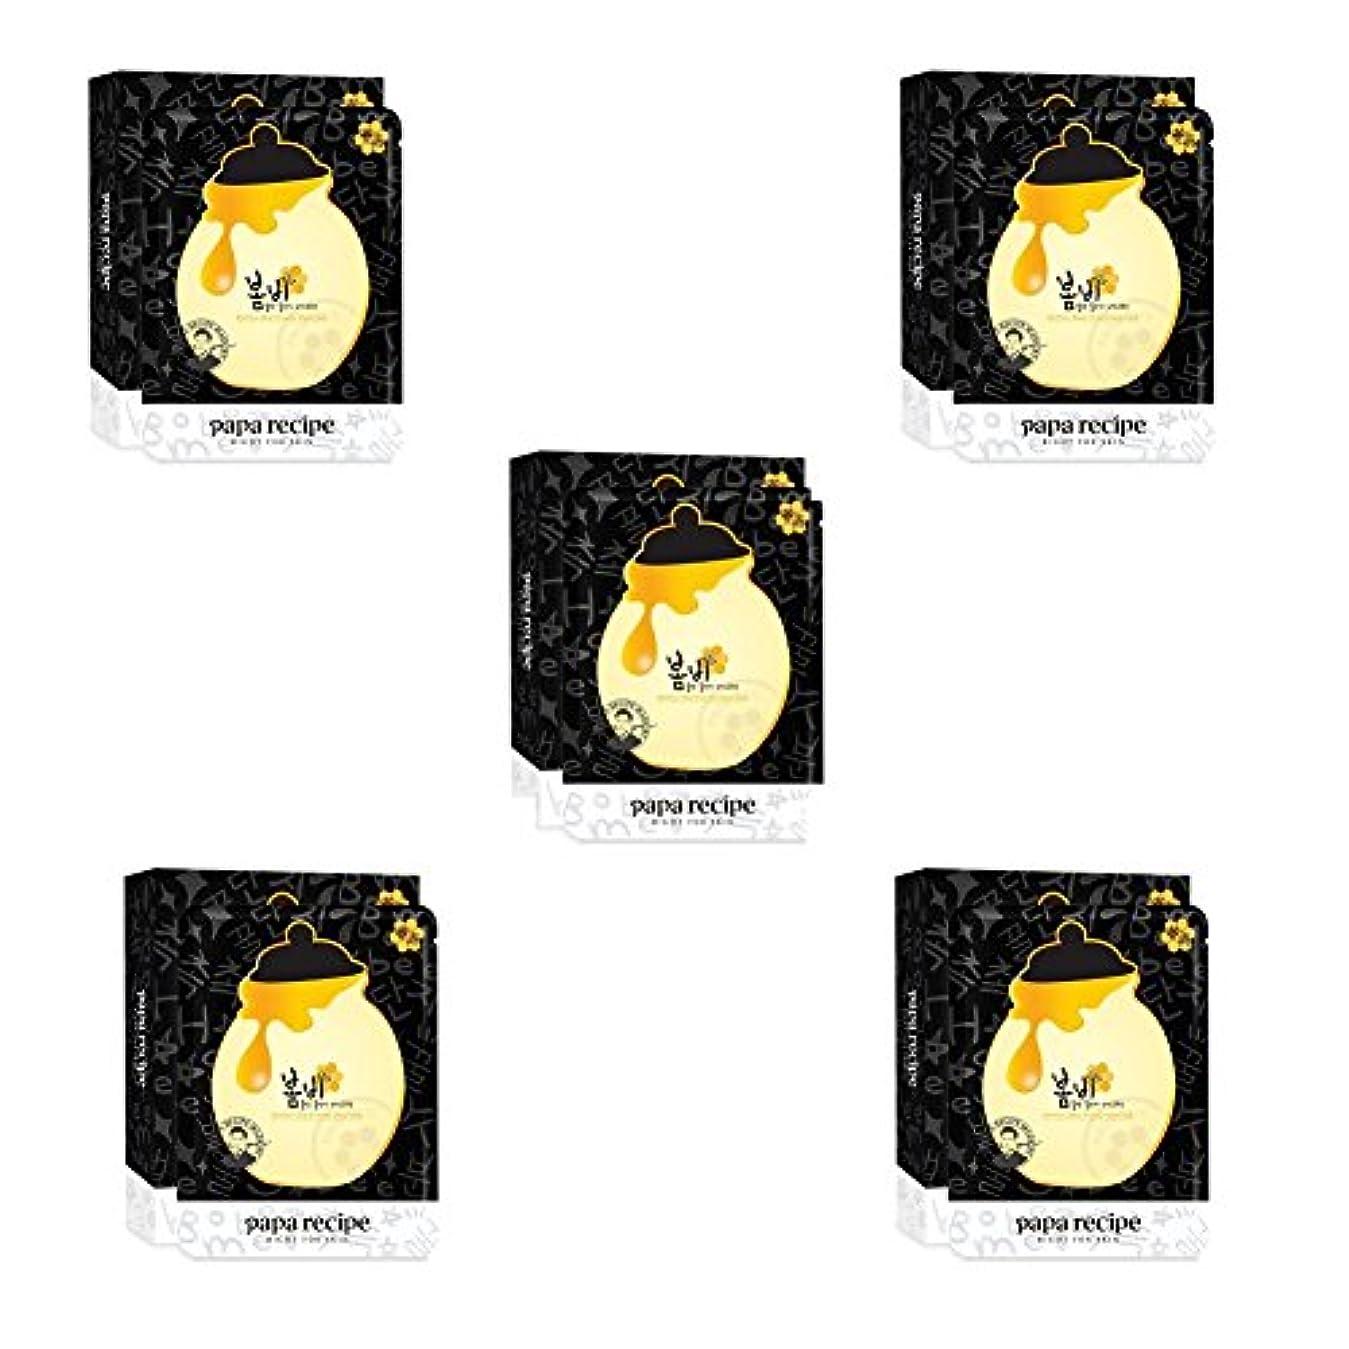 フレッシュキラウエア山作物Papa Recipe Bombee Black Honey Mask Pack (10sheets X 5) パパレシピ ボムビー ブラックハニー マスクパック (10sheets X 5)